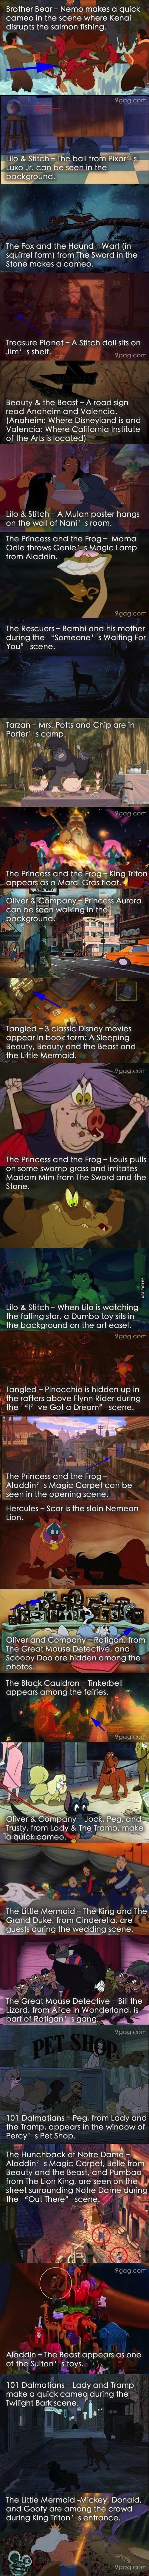 Hidden Easter Eggs in Disney Movies